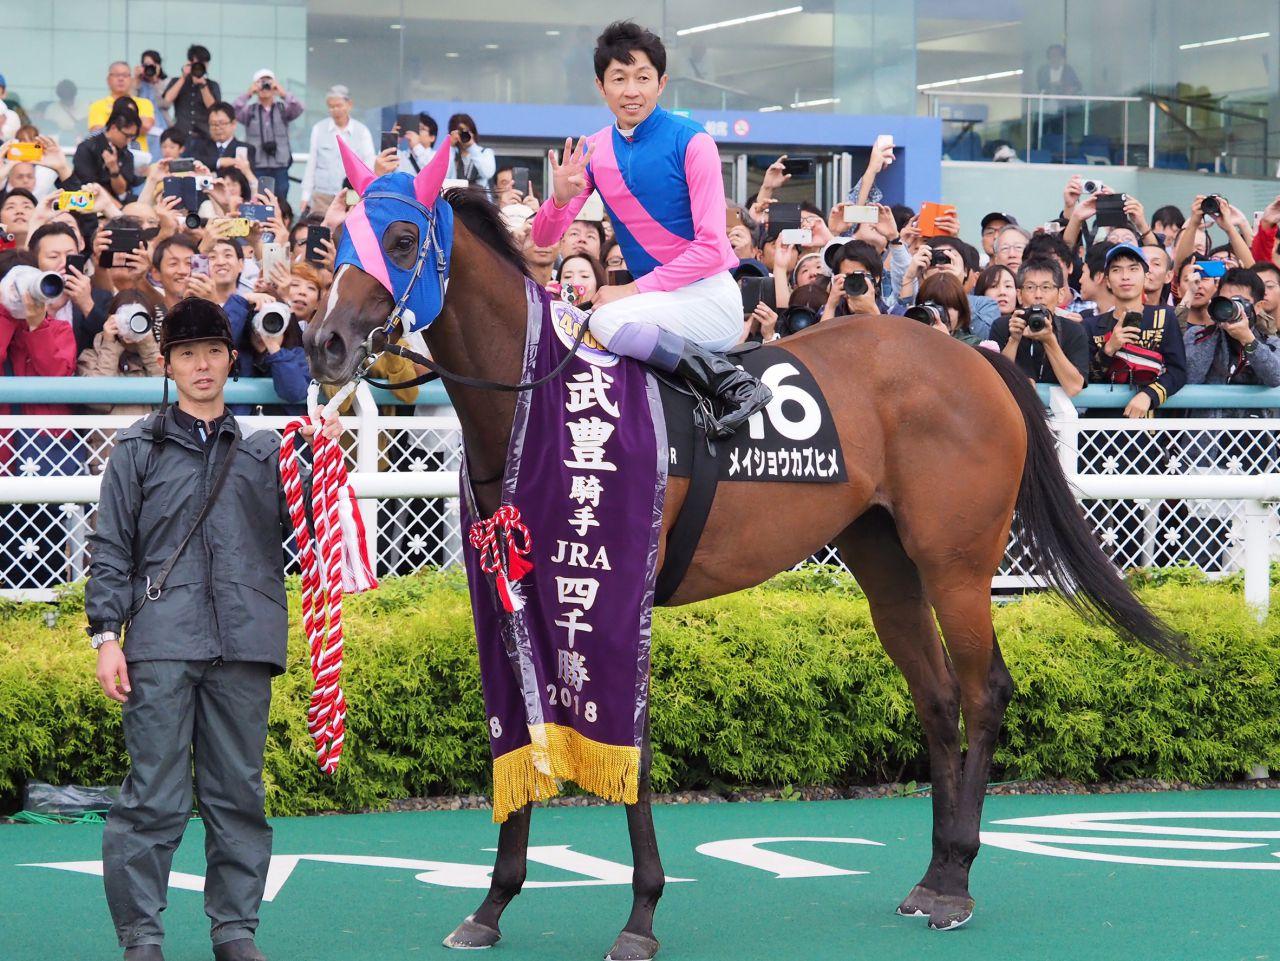 【阪神9R/ヤマボウシ賞】アールロッソが逃げ切りで連勝を決める